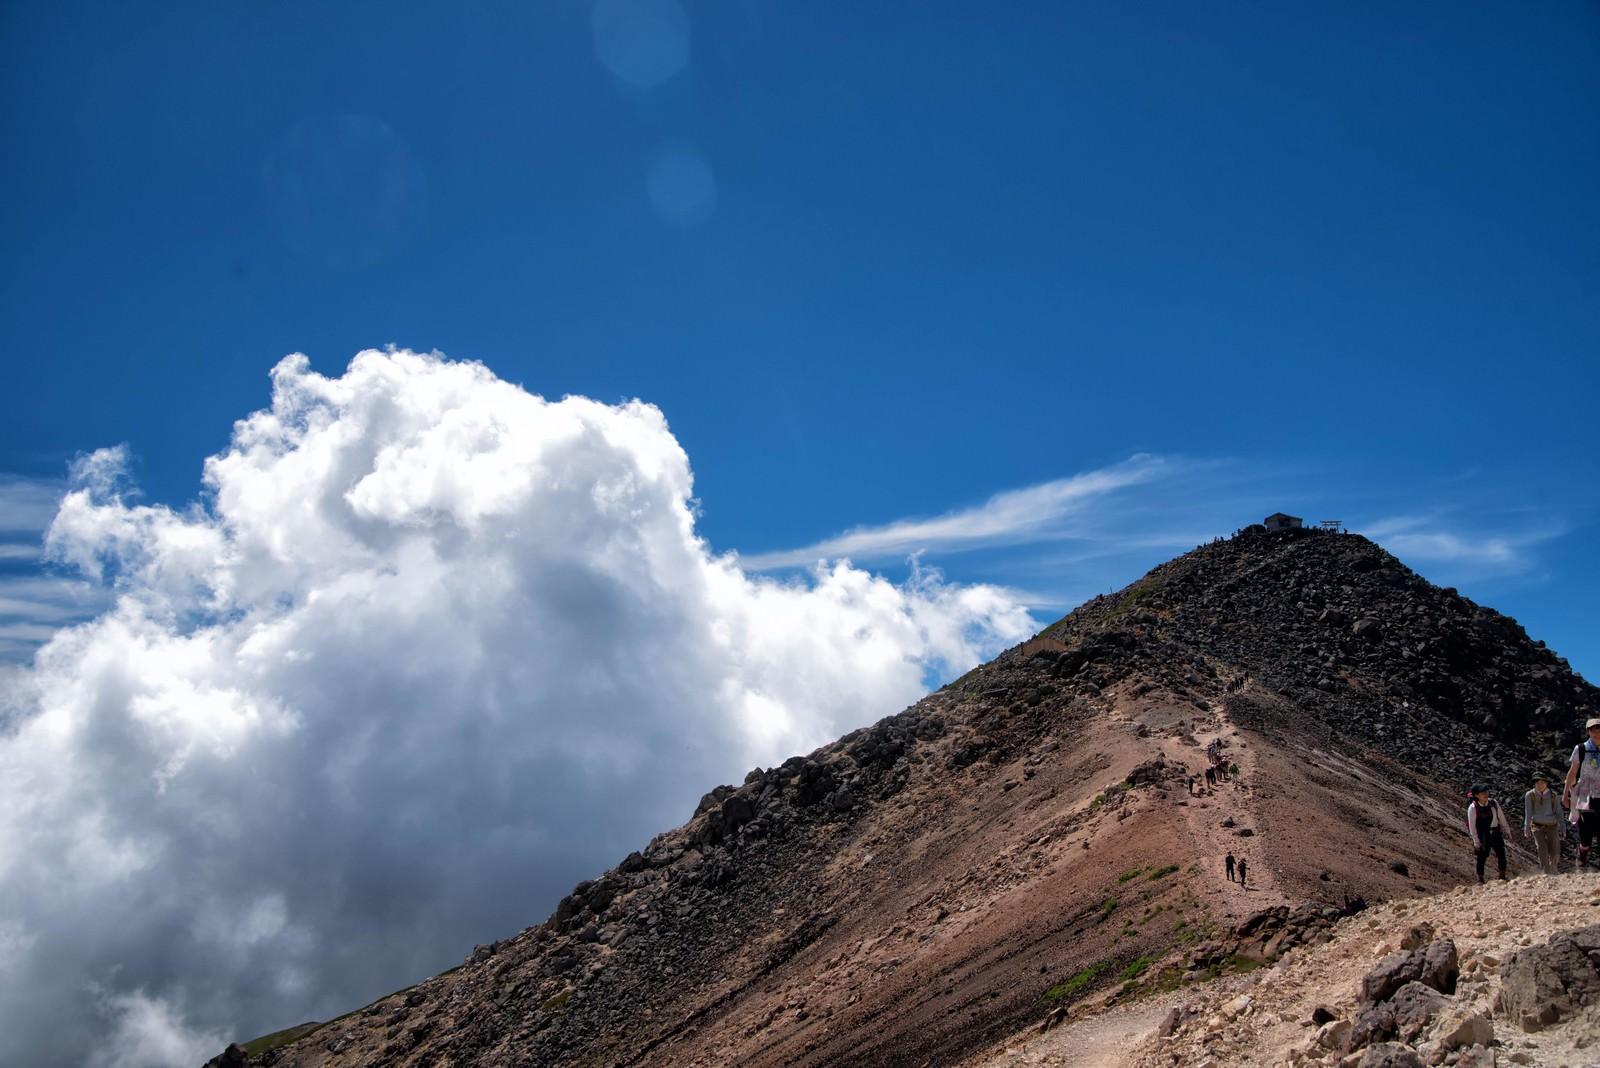 「乗鞍剣ヶ峰の登山道に沸く積雲」の写真